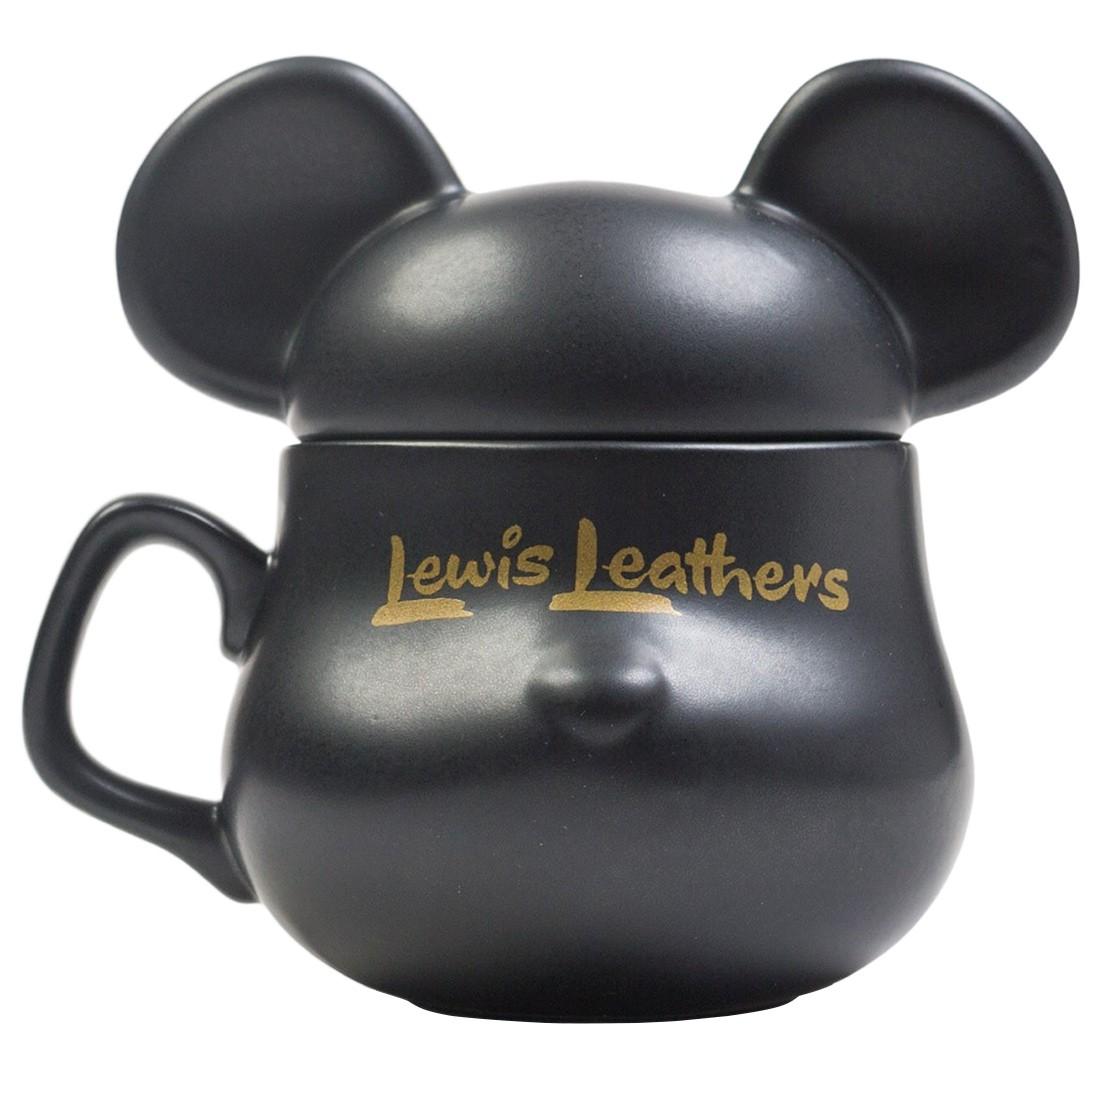 Medicom Lewis Leather Bearbrick Be@rmug (black)